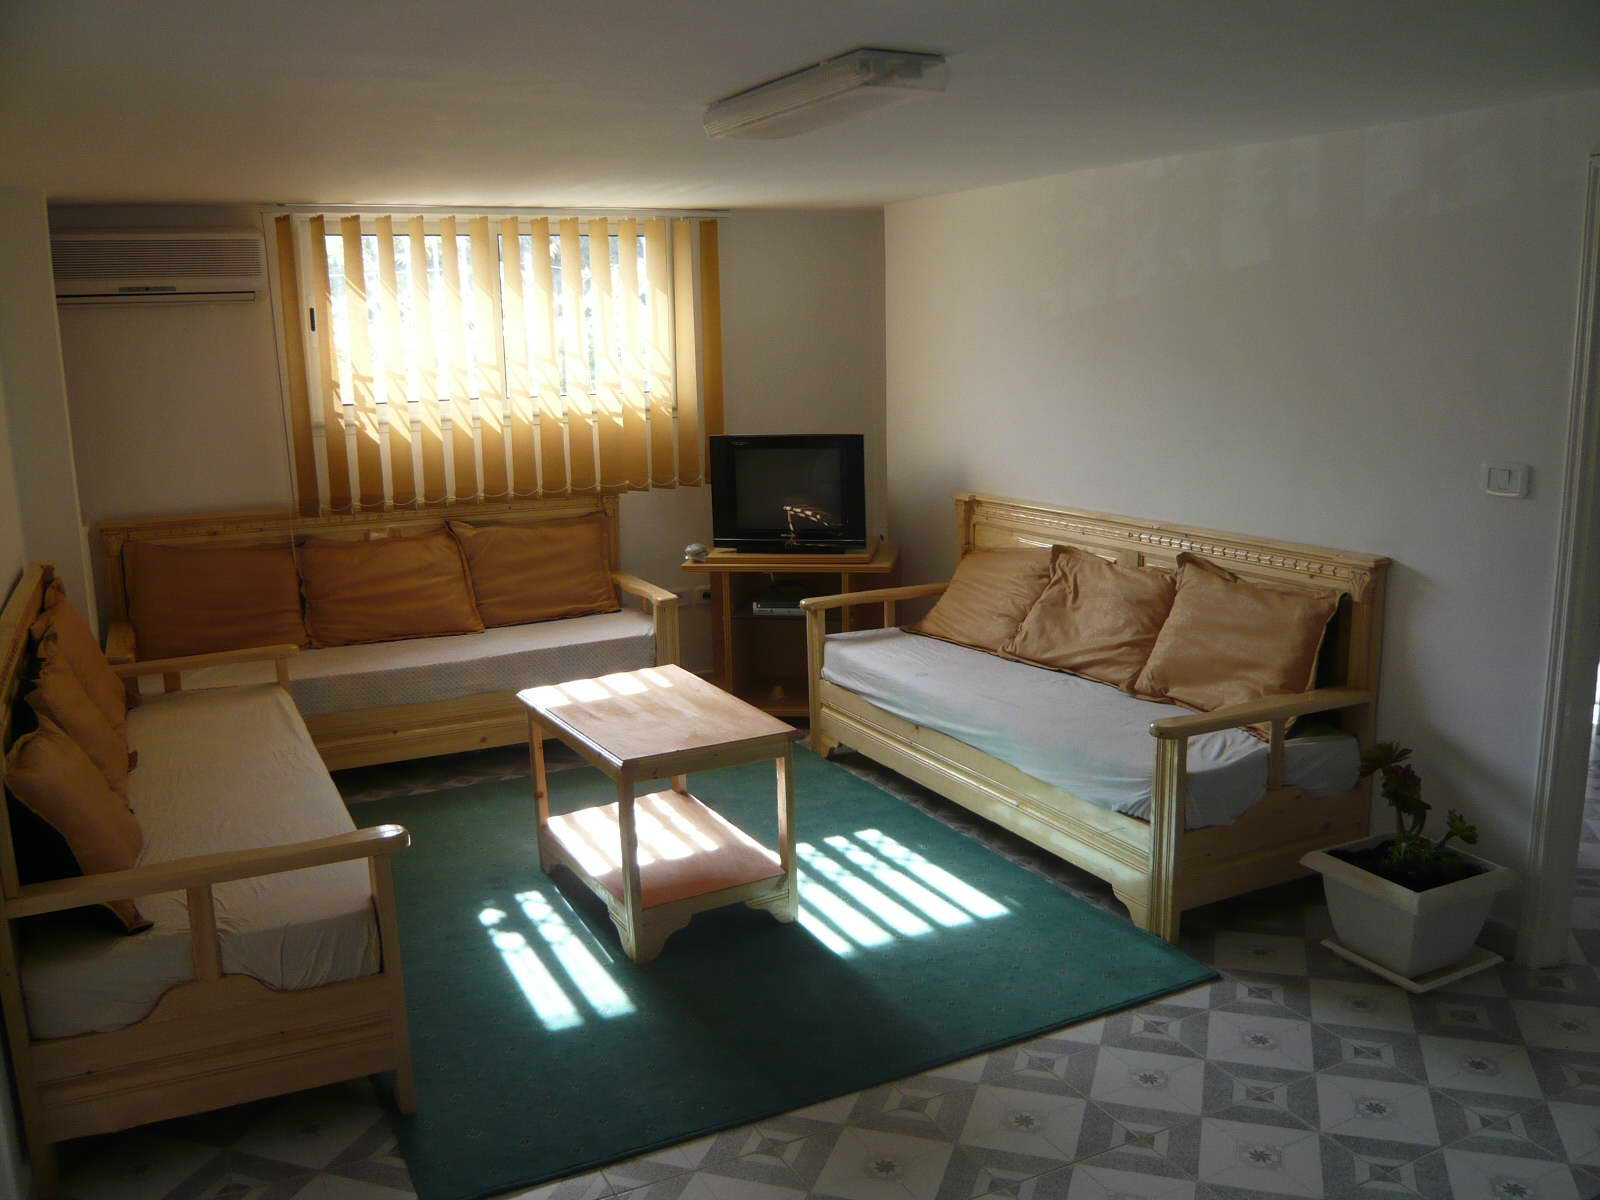 location appartement s+1 tunisie